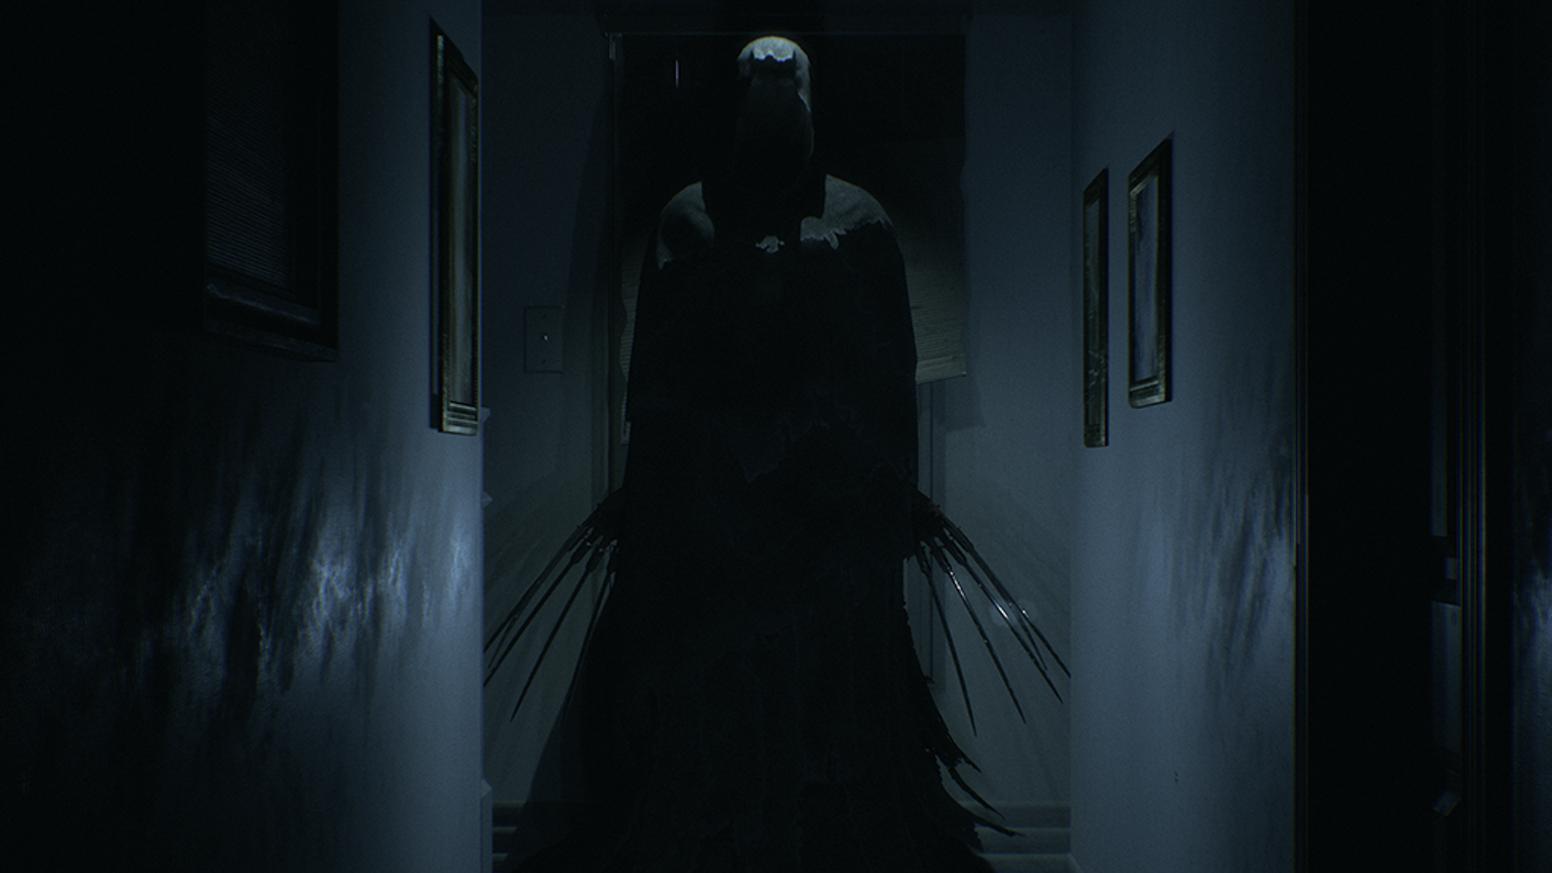 Visage Review (Xbox) – Manifest Evil